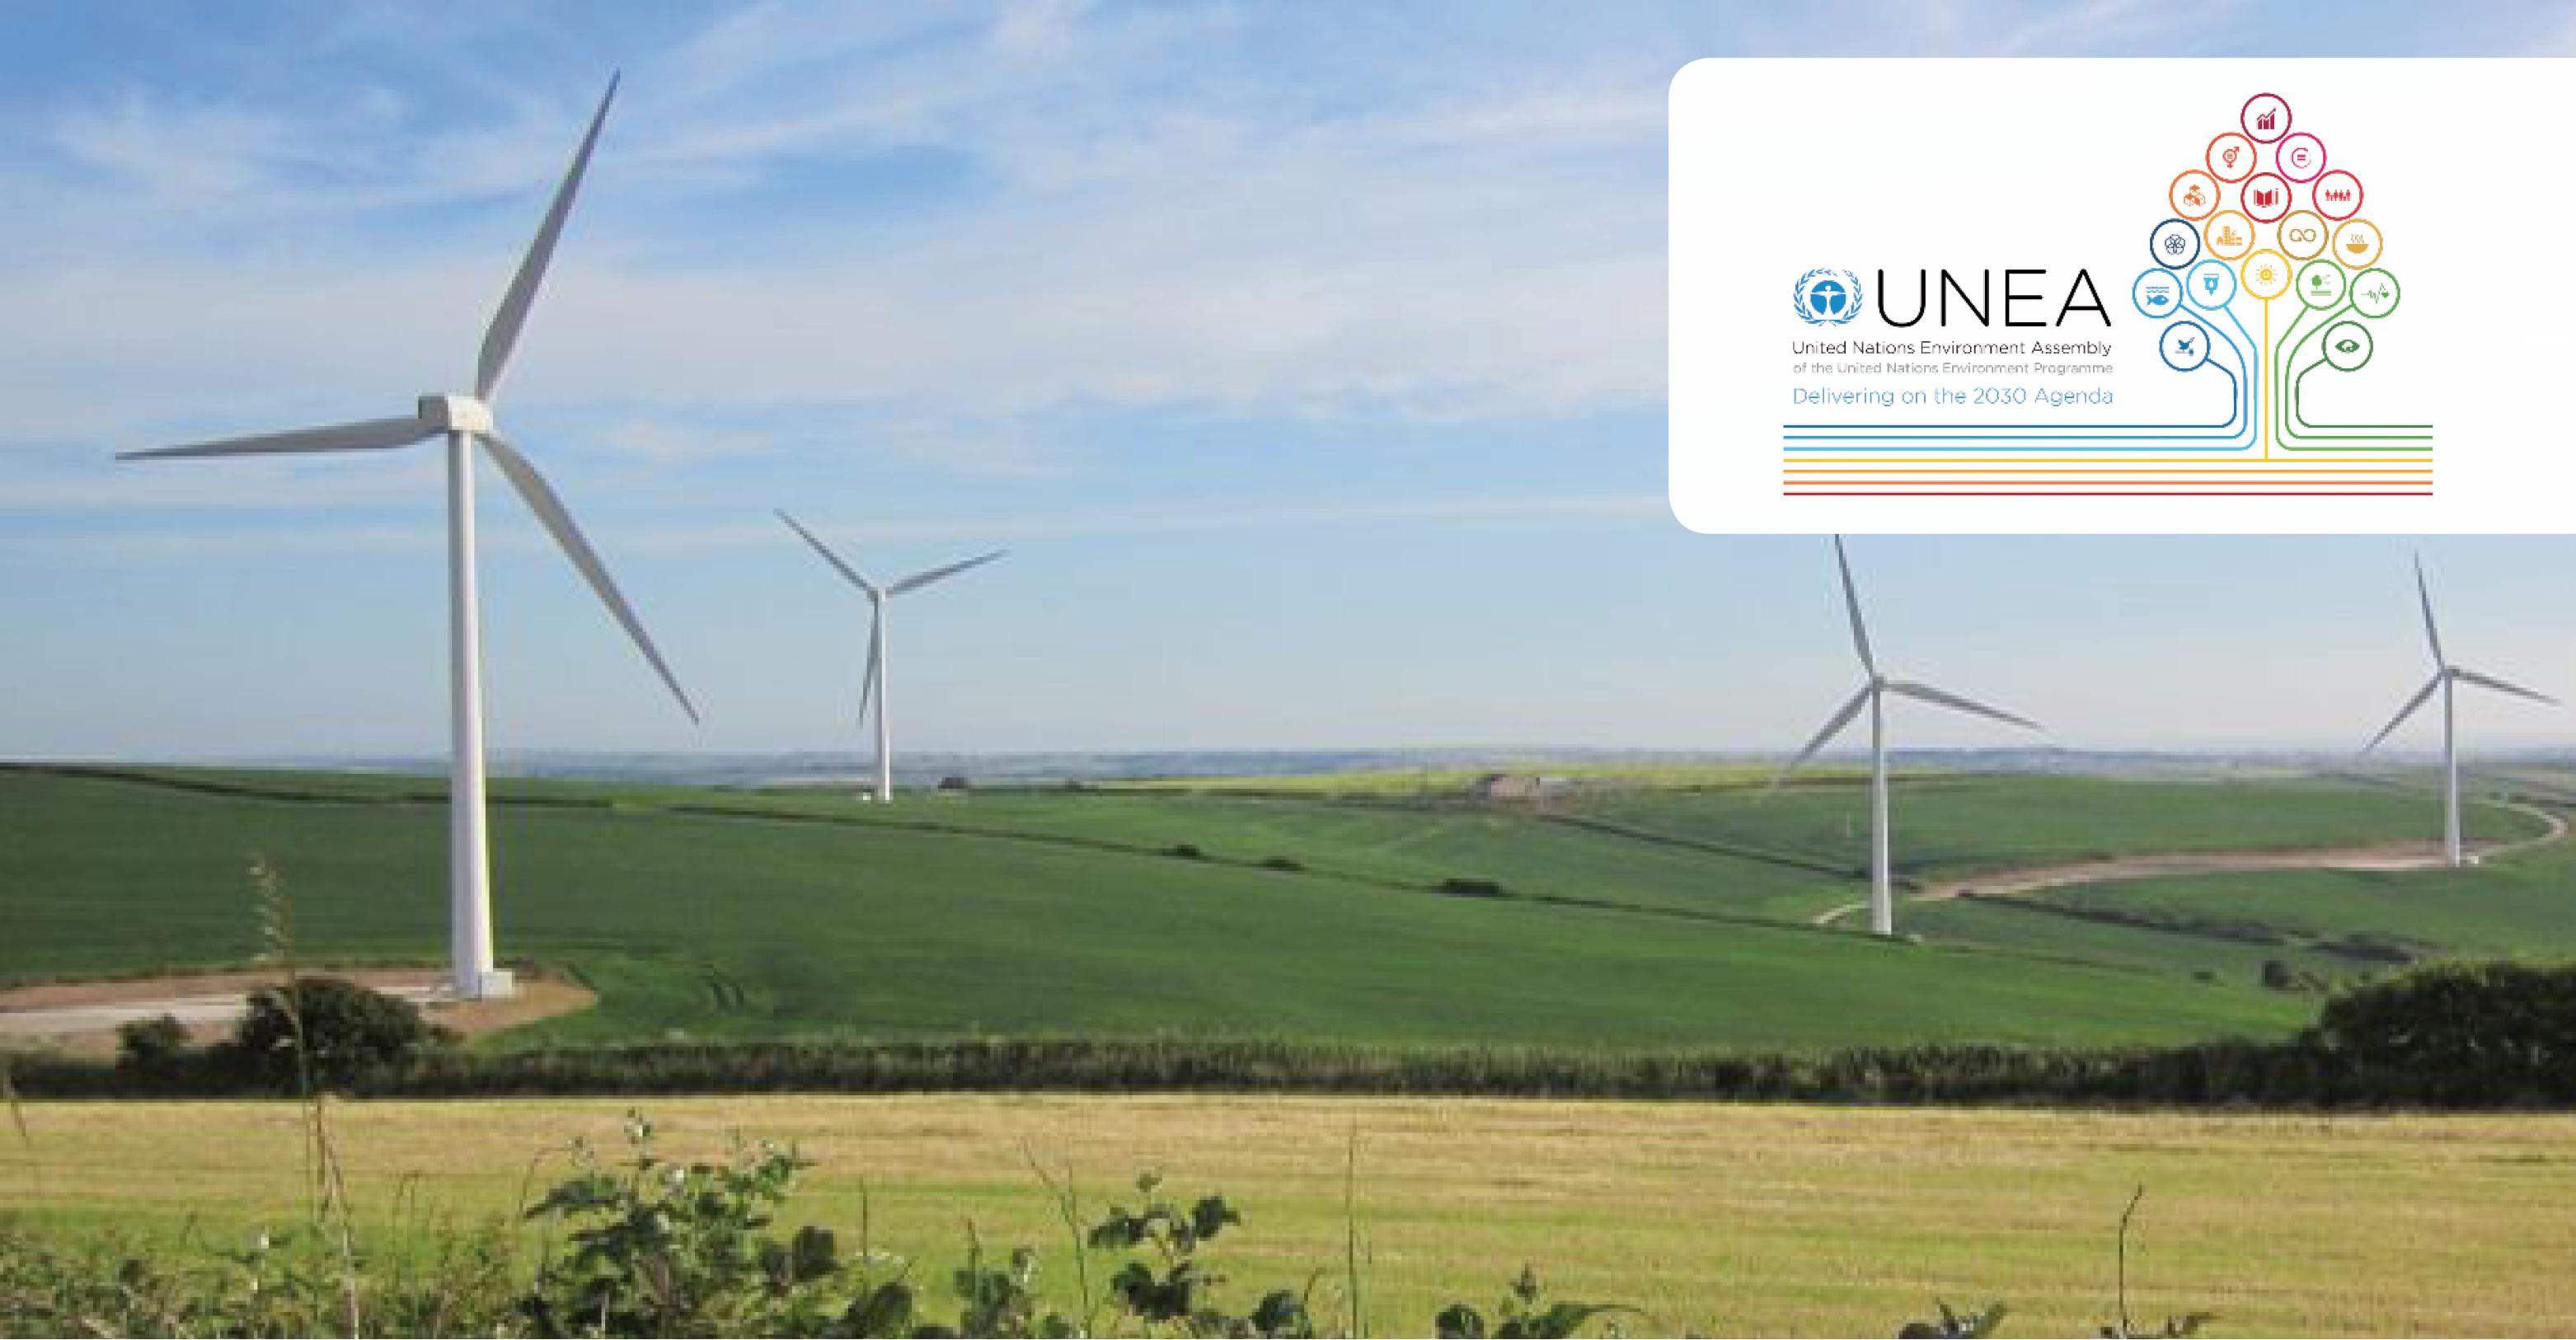 Parc éolien au Royaume-Uni © Robert Vagg, UNEP/CMS